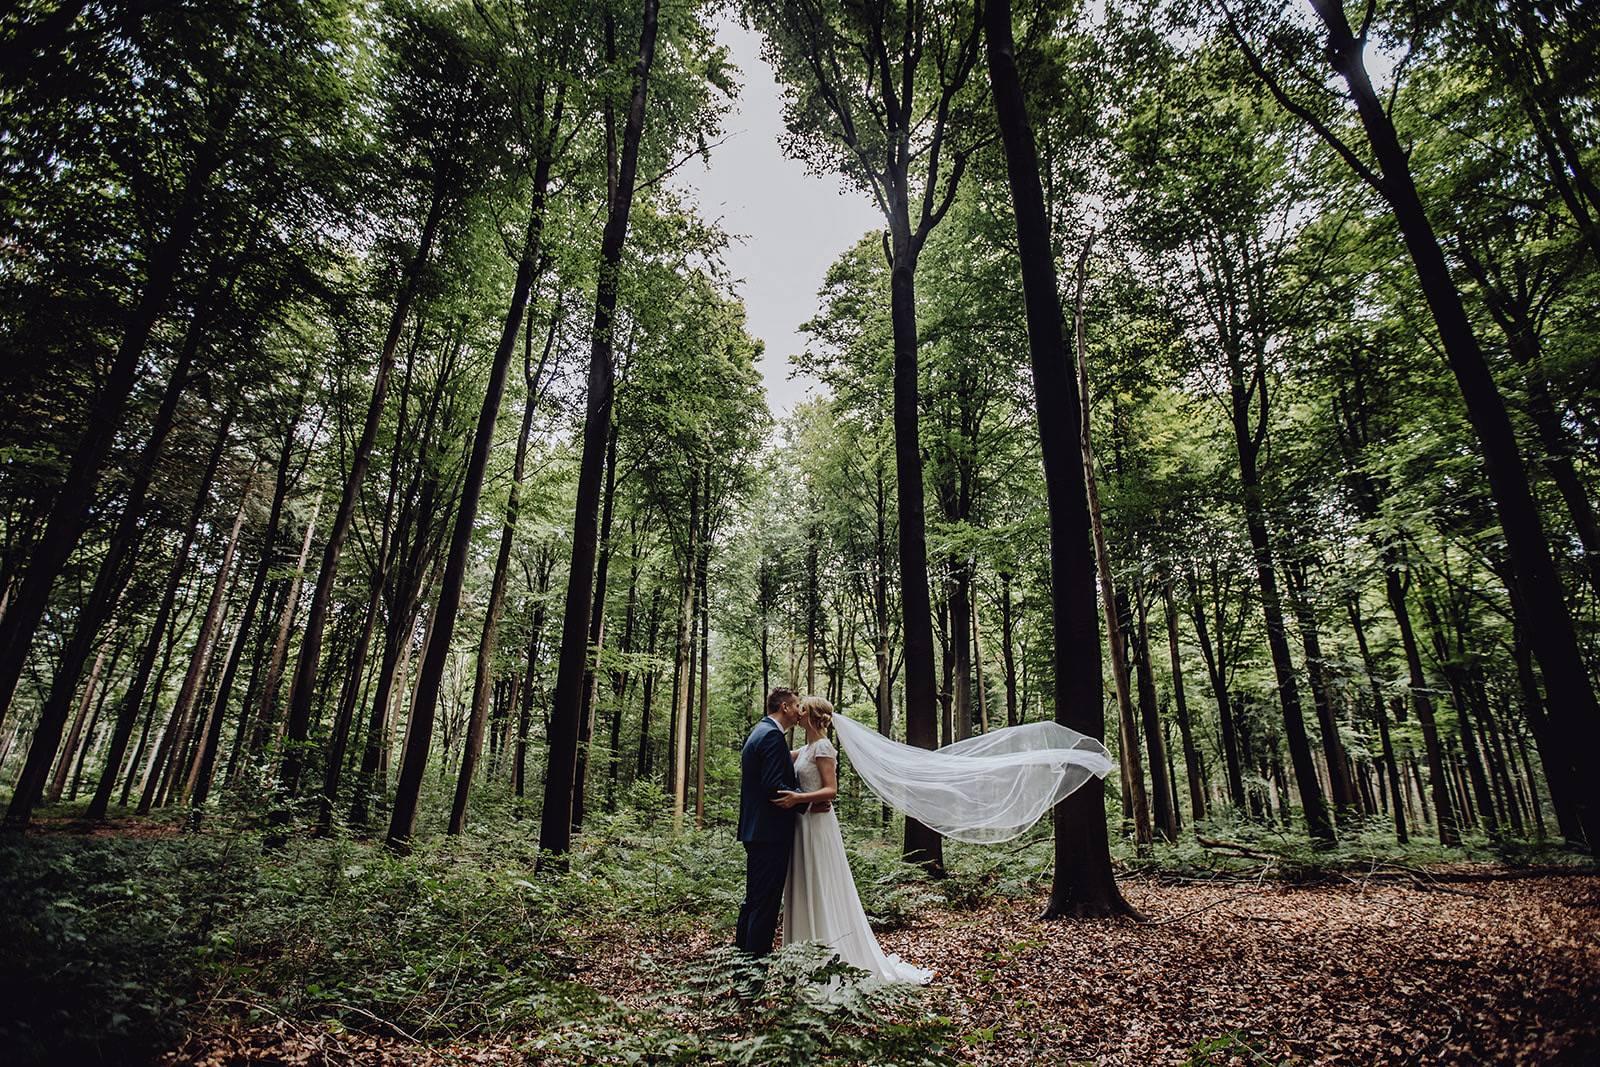 Atelier Rosé - Wedding Planner - House of Weddings Annelies & Hannes - Lux Visual Storytellers (6)